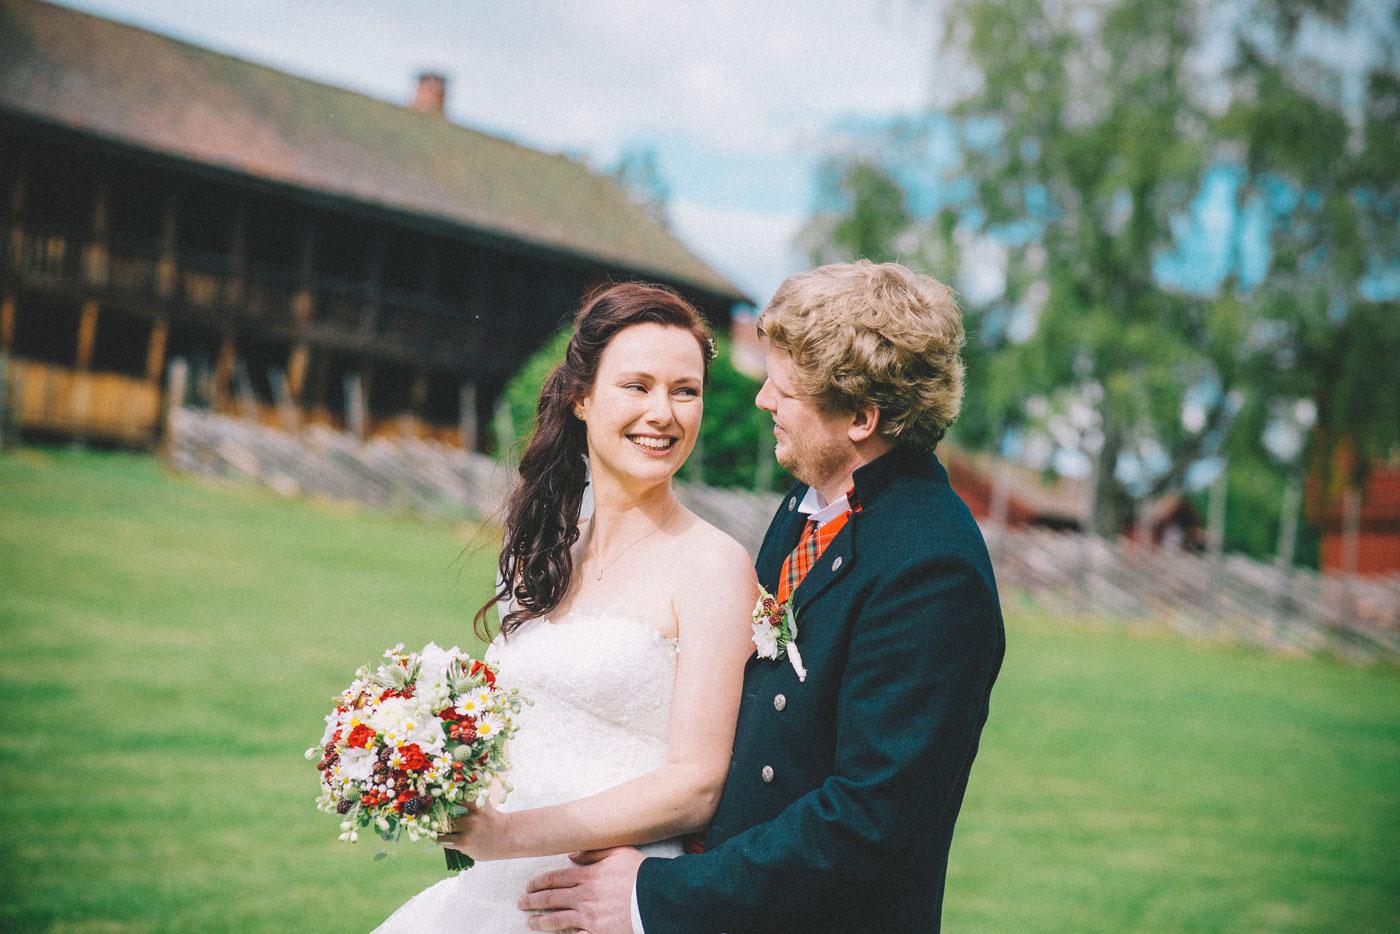 Bryllupsfotografering der brud smiler med blomster, brudgom holder henne